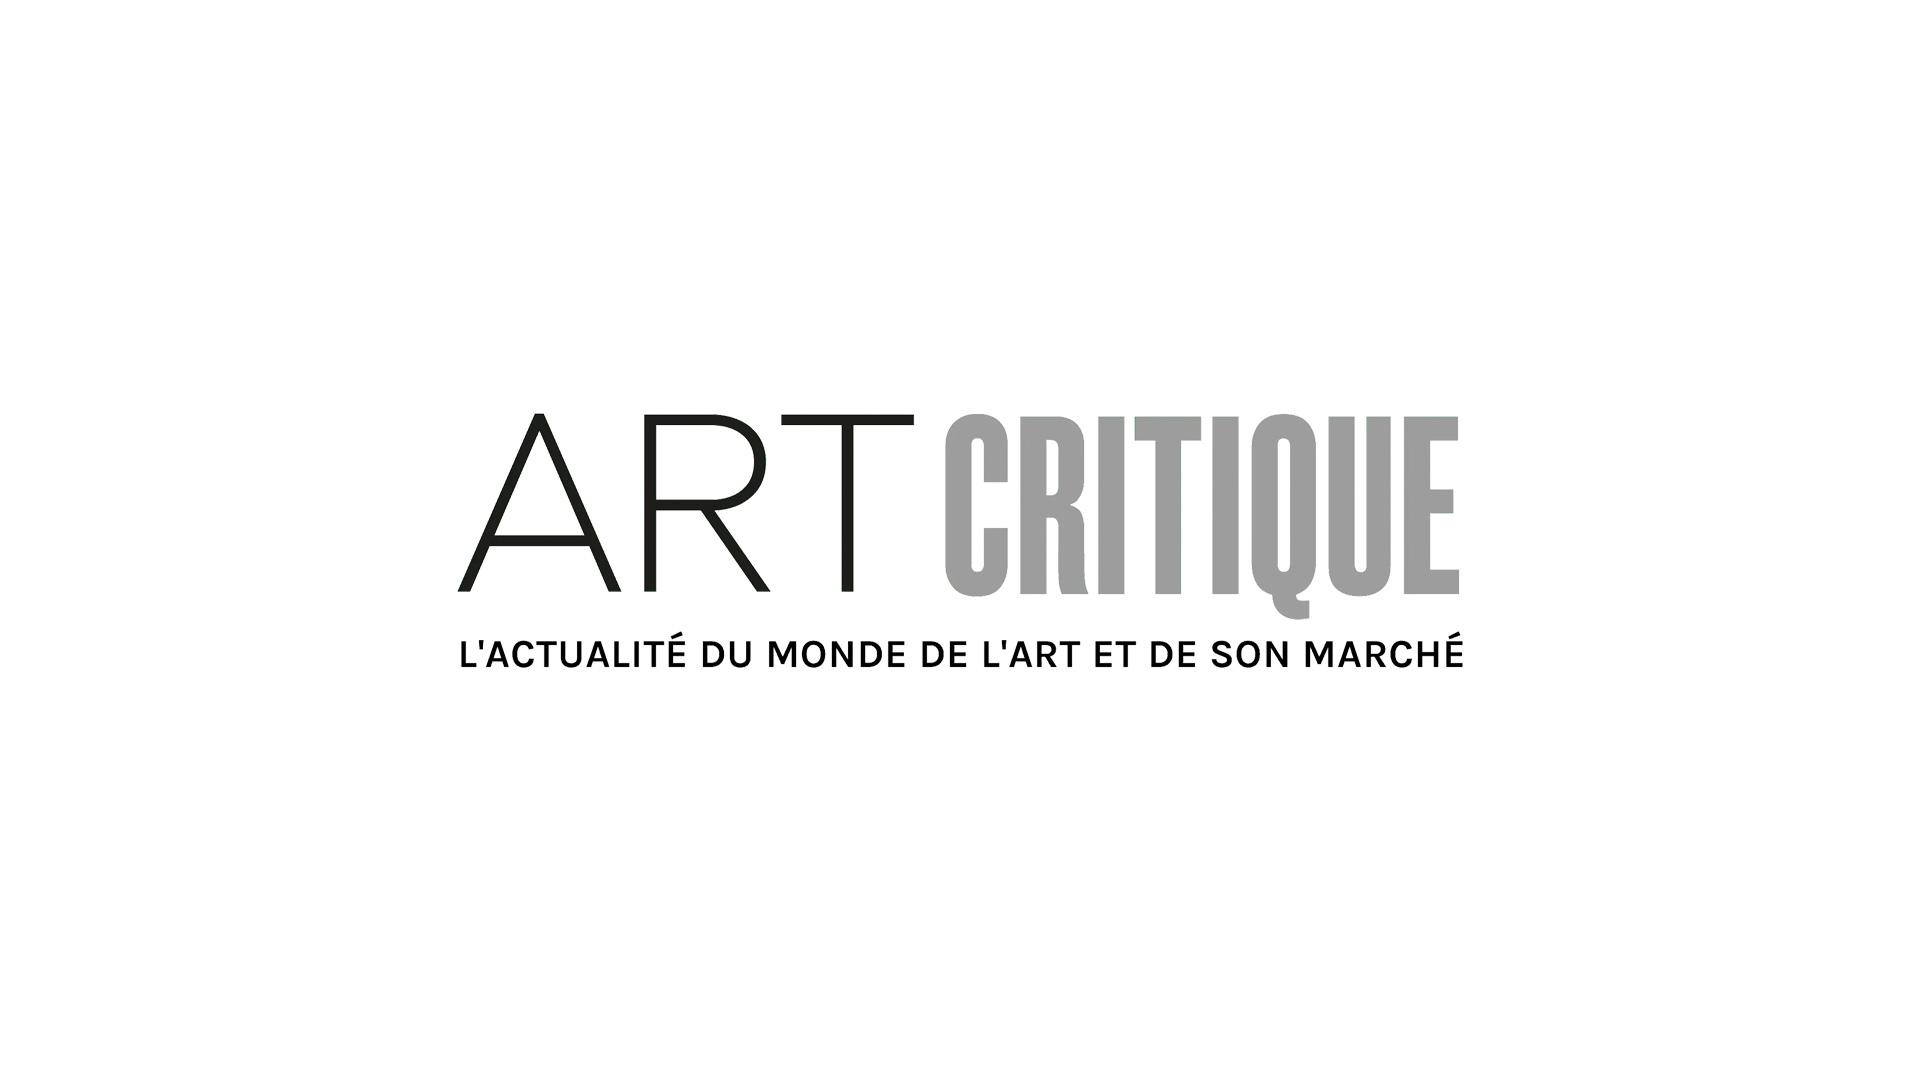 La peinture de Clyfford Still, entre deux courants de l'expressionnisme abstrait?